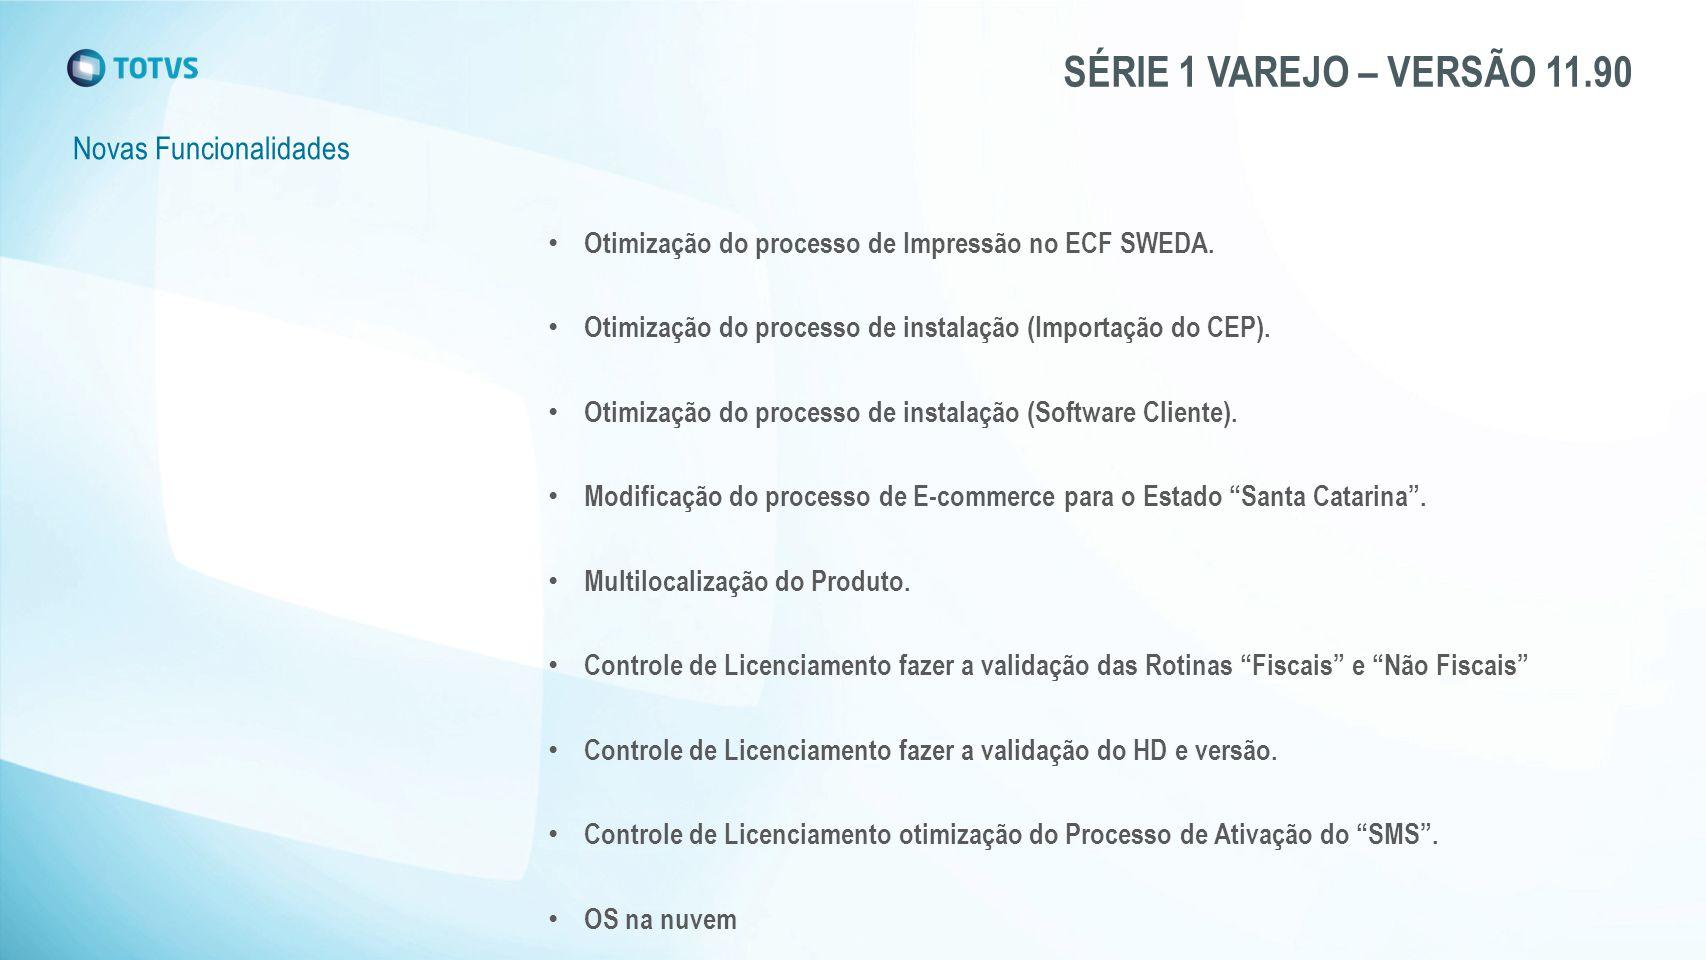 SÉRIE 1 VAREJO – VERSÃO 11.90 Modificação do processo de E-commerce para o Estado Santa Catarina .